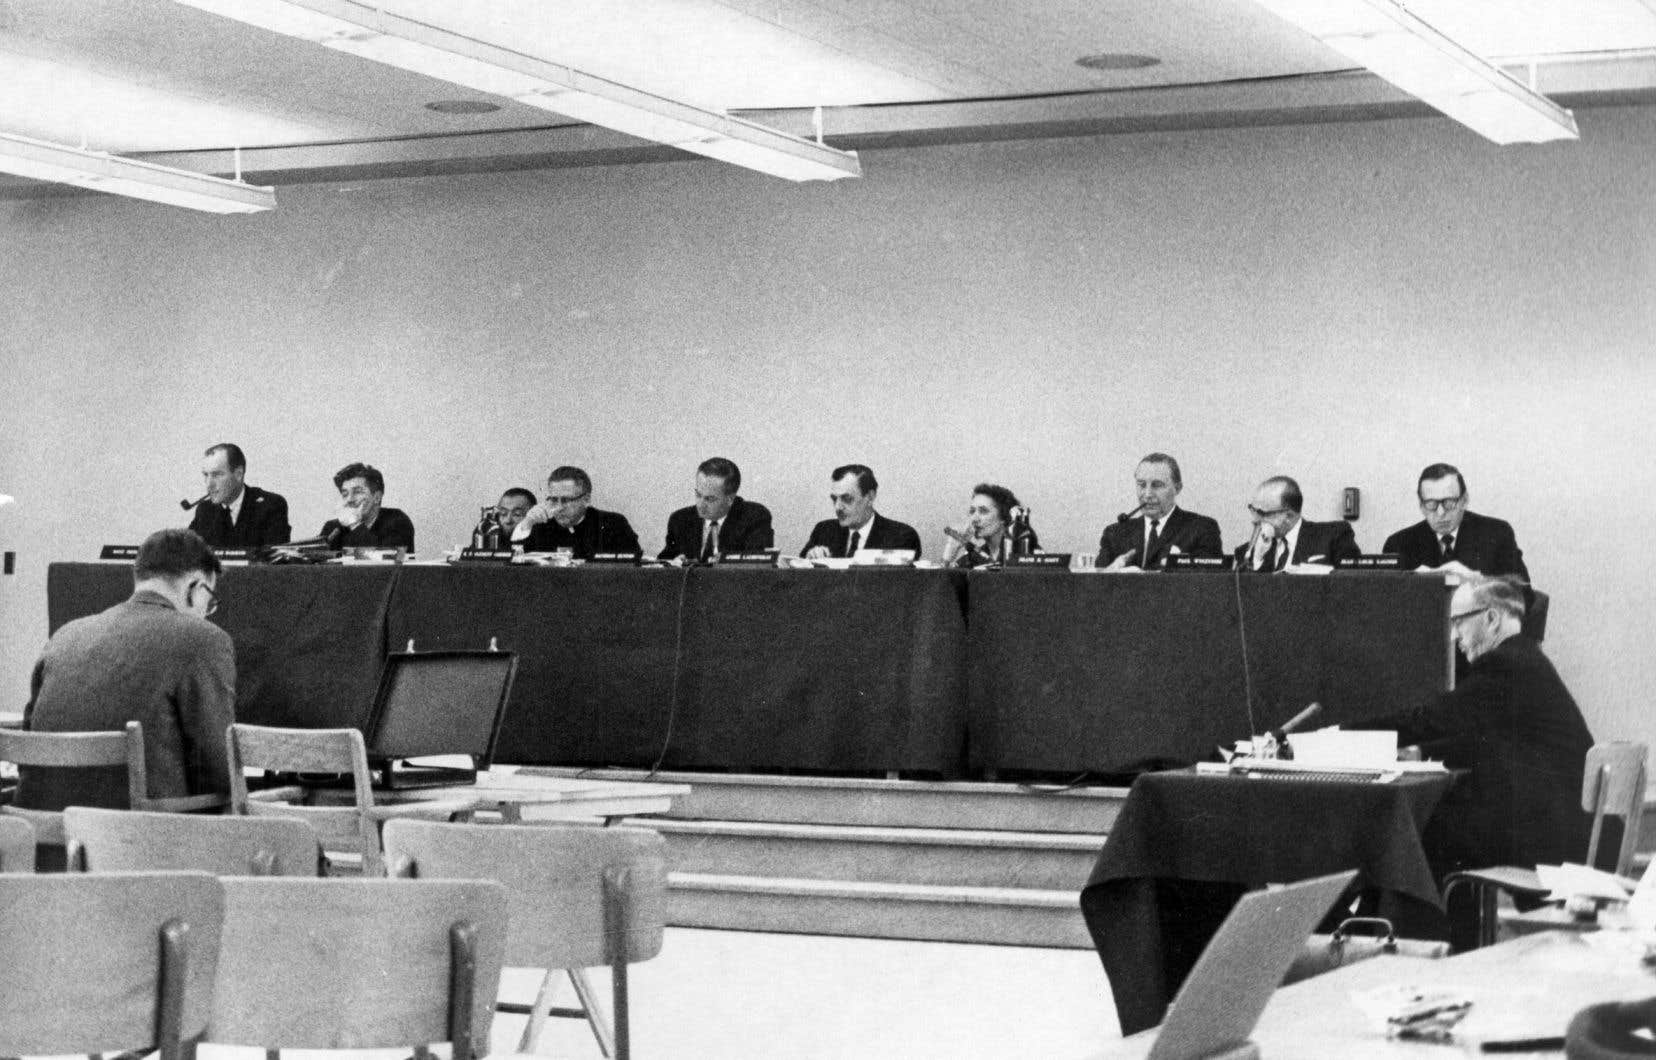 La Commission royale d'enquête sur le bilinguisme et le biculturalisme aura alimenté un moment historique dans la volonté du Canada de comprendre sa dualité fondatrice.